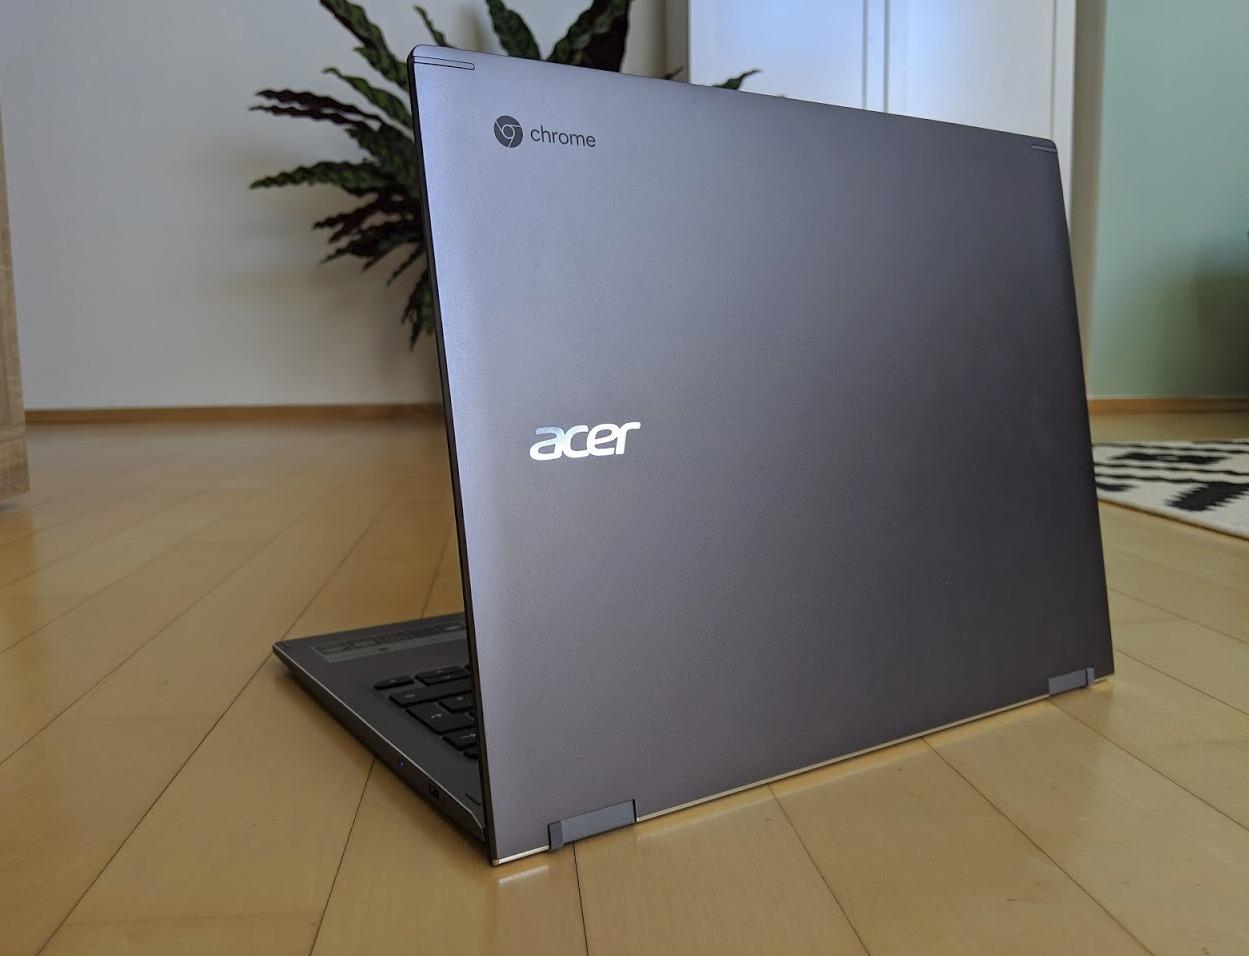 Cyberdeals: Bester Preis für Huawei Mediapad M5 Lite LTE und Acer Chromebook 13